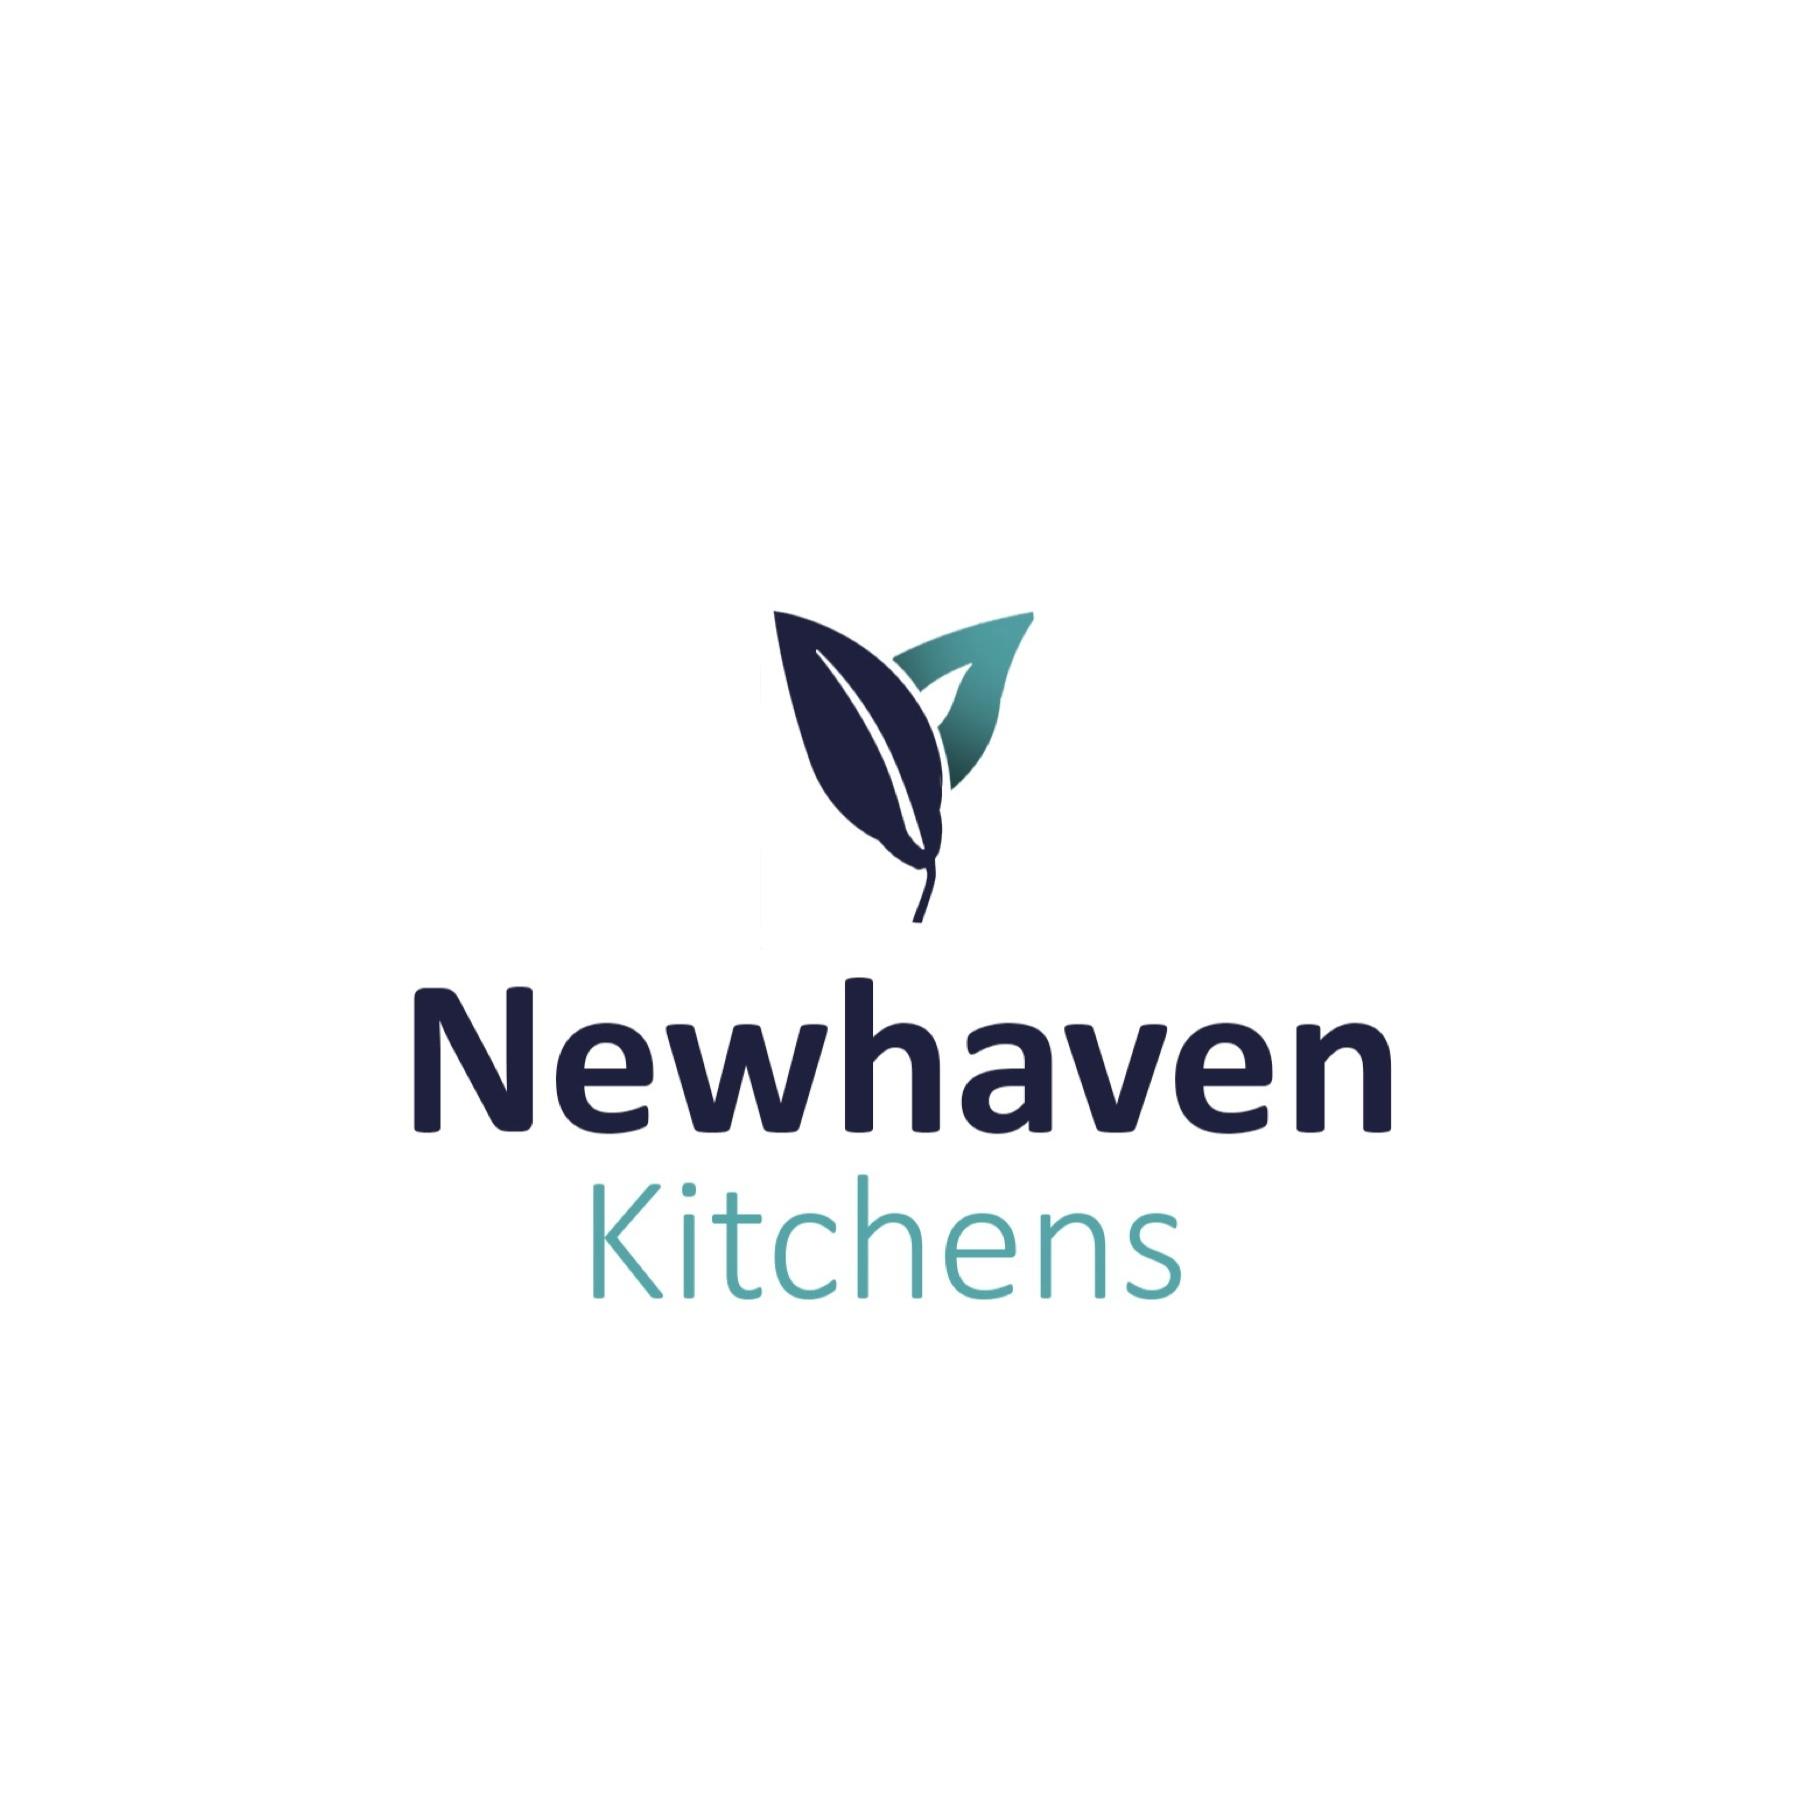 Newhaven Kitchens & Bedrooms